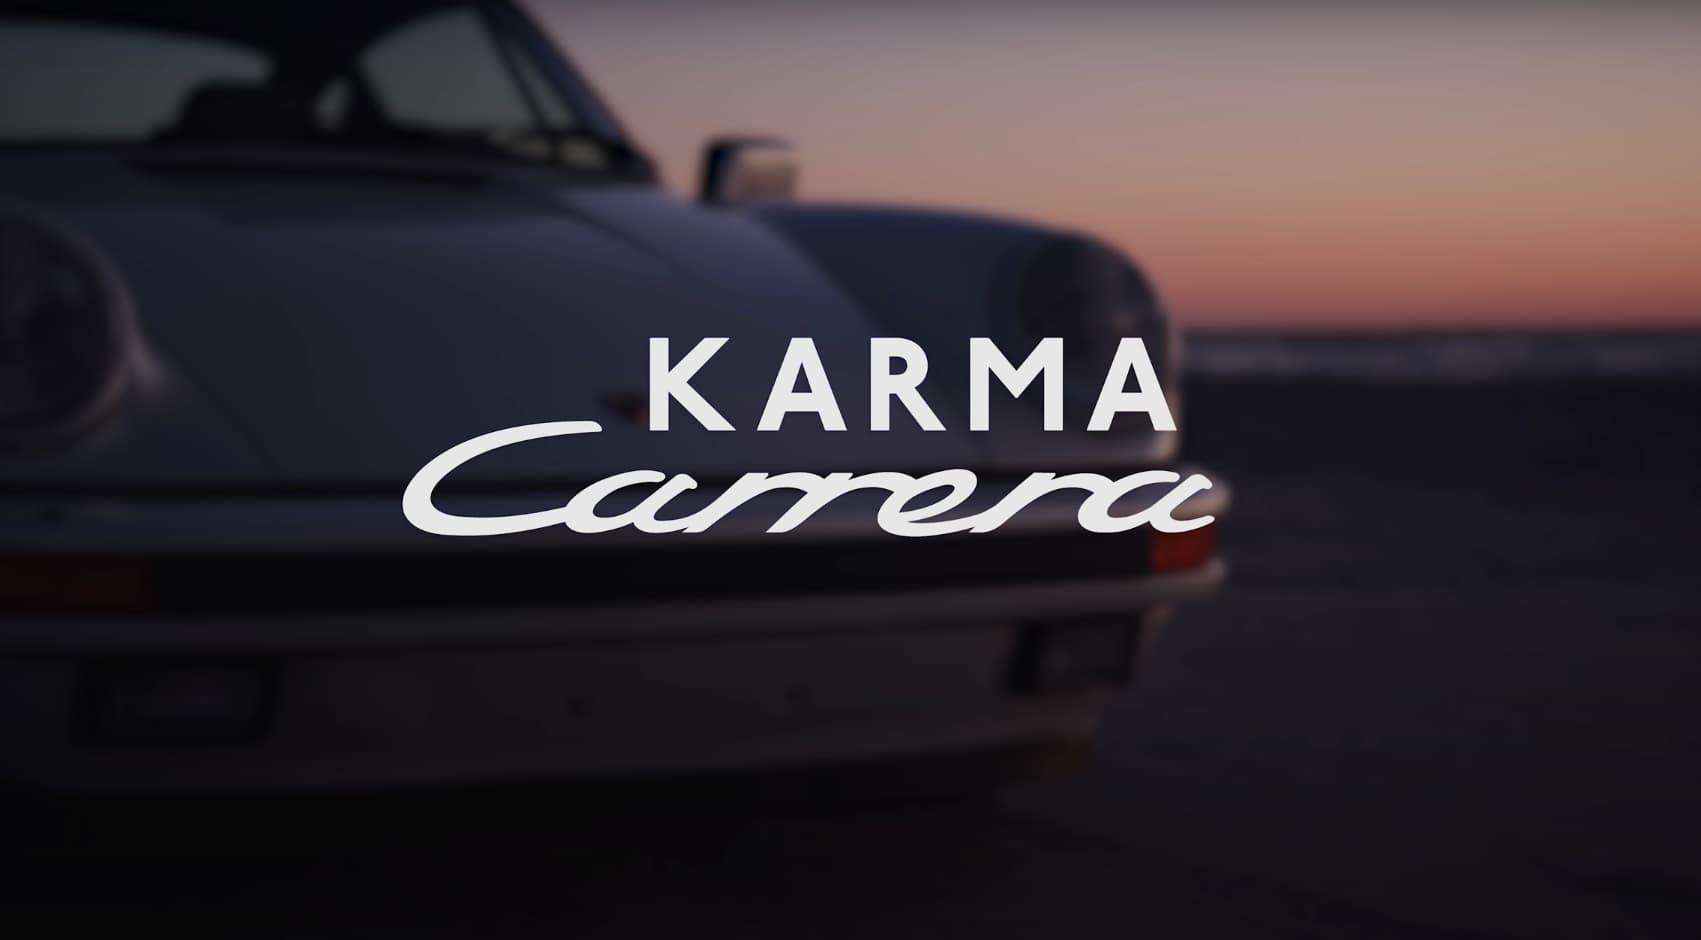 John und Aimee Oates und ihre Story über den 911 Porsche Karma Carrera